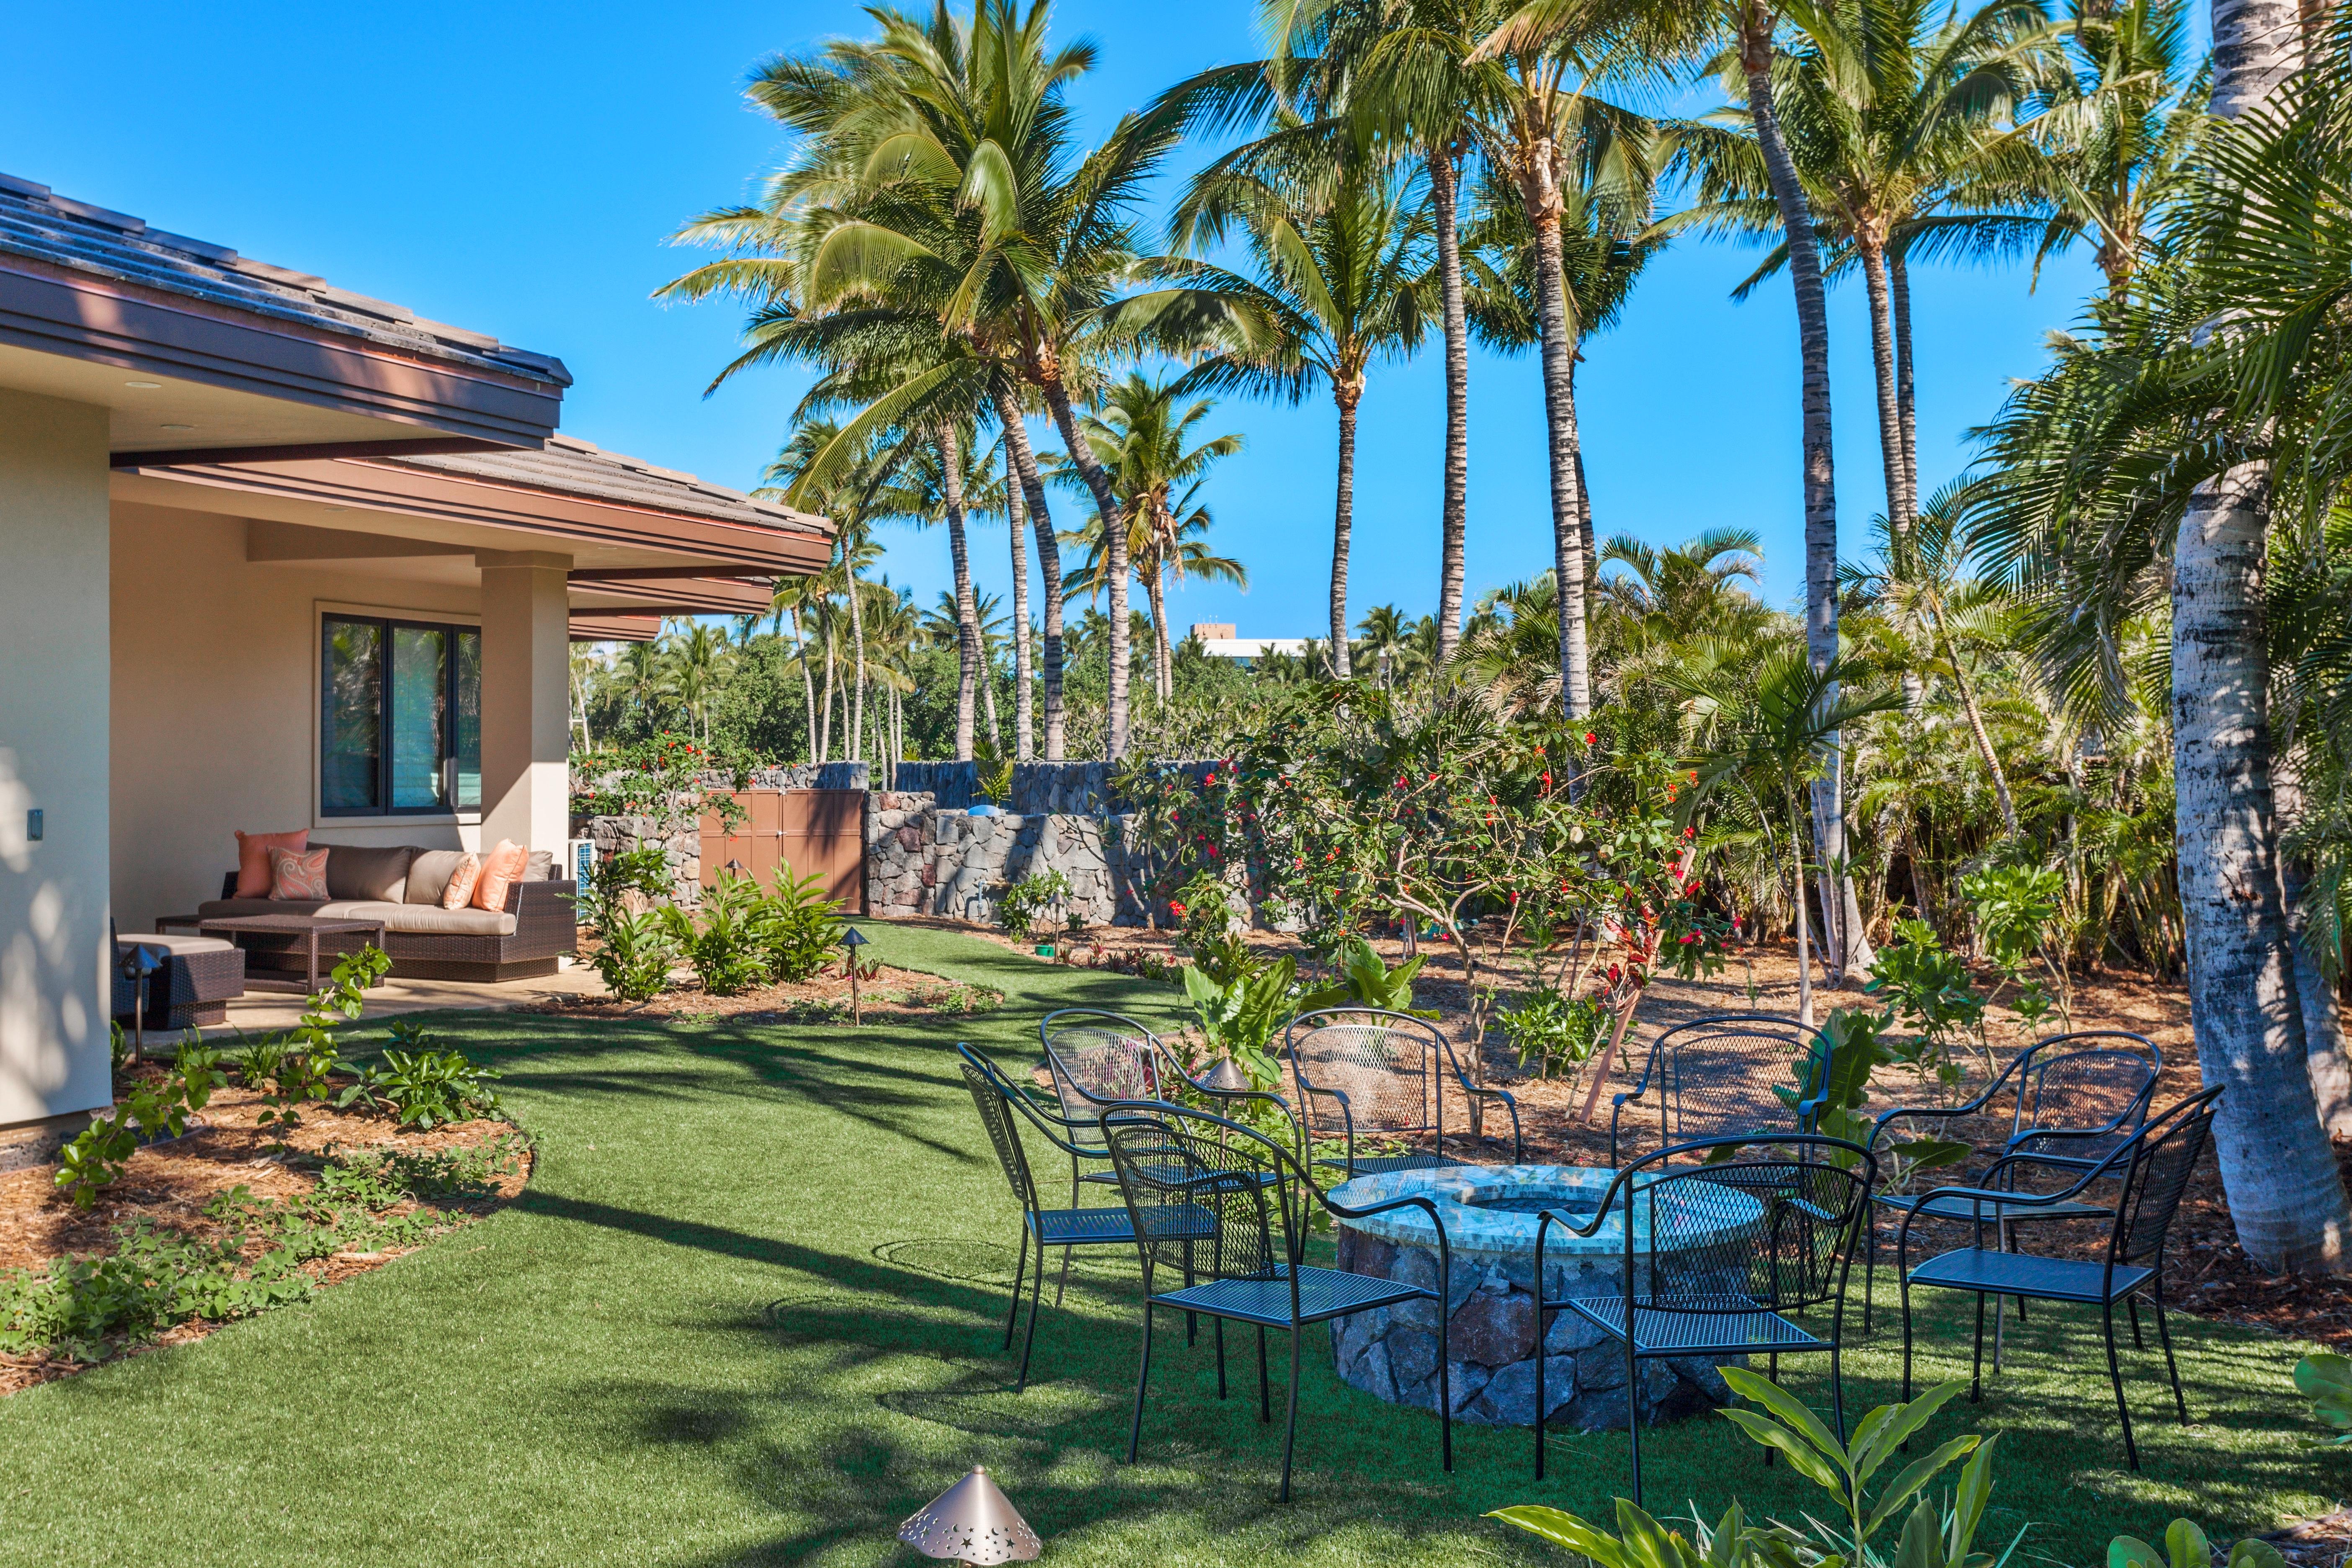 Hawaii 409 - 35